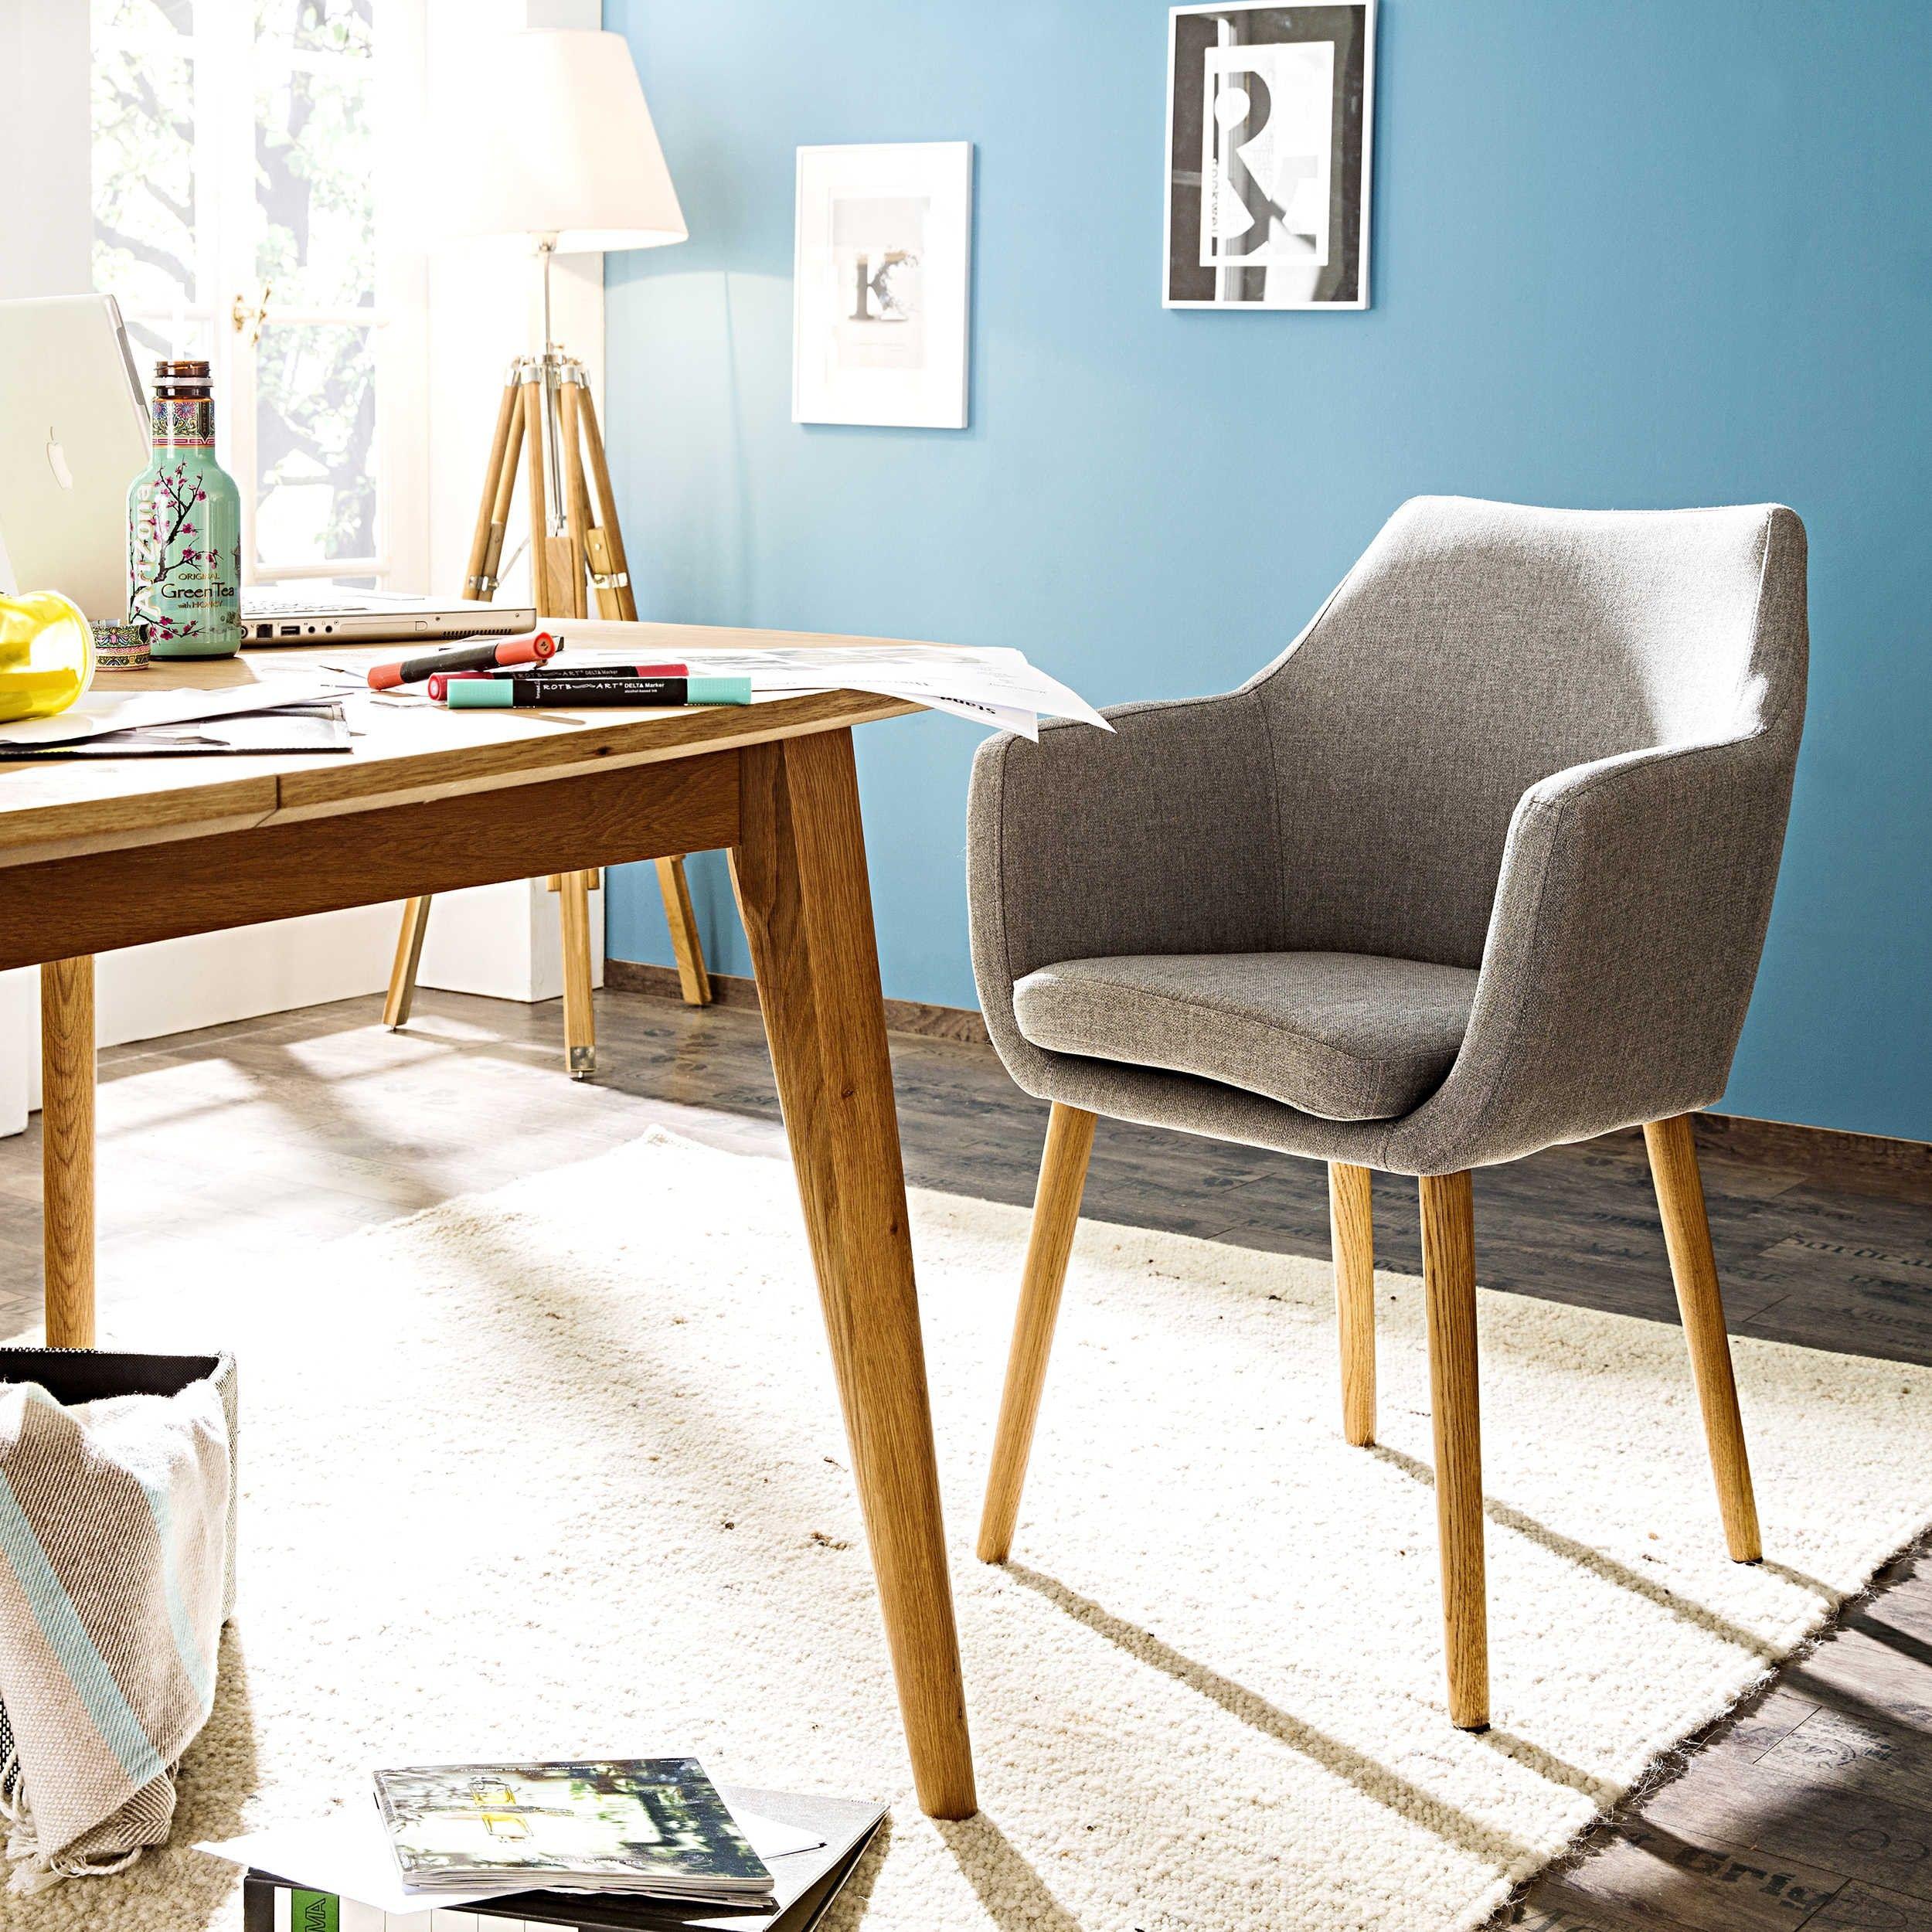 die besten 25 st hle kaufen ideen auf pinterest fliegennetz fenster sessel kaufen und m bel. Black Bedroom Furniture Sets. Home Design Ideas